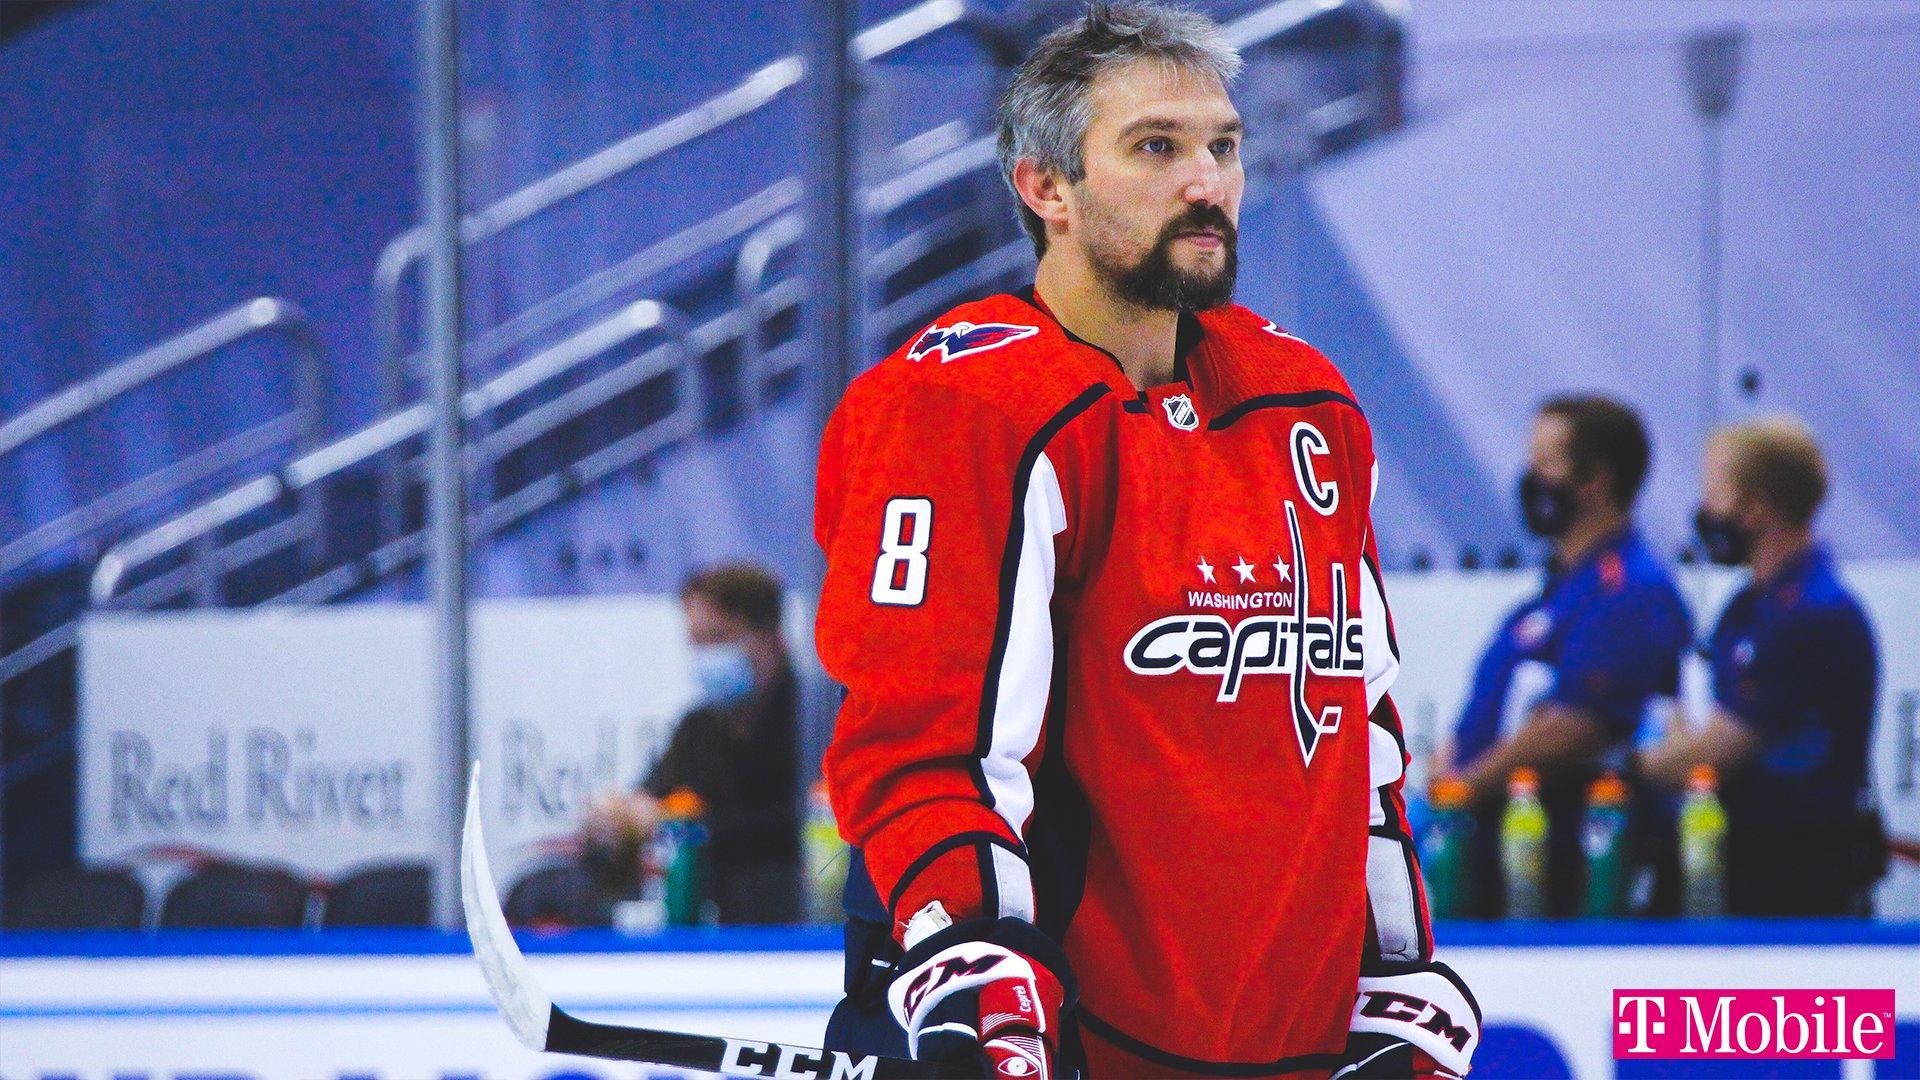 """Овечкин отстранён от игр в НХЛ и тренировок в составе """"Вашингтона"""""""